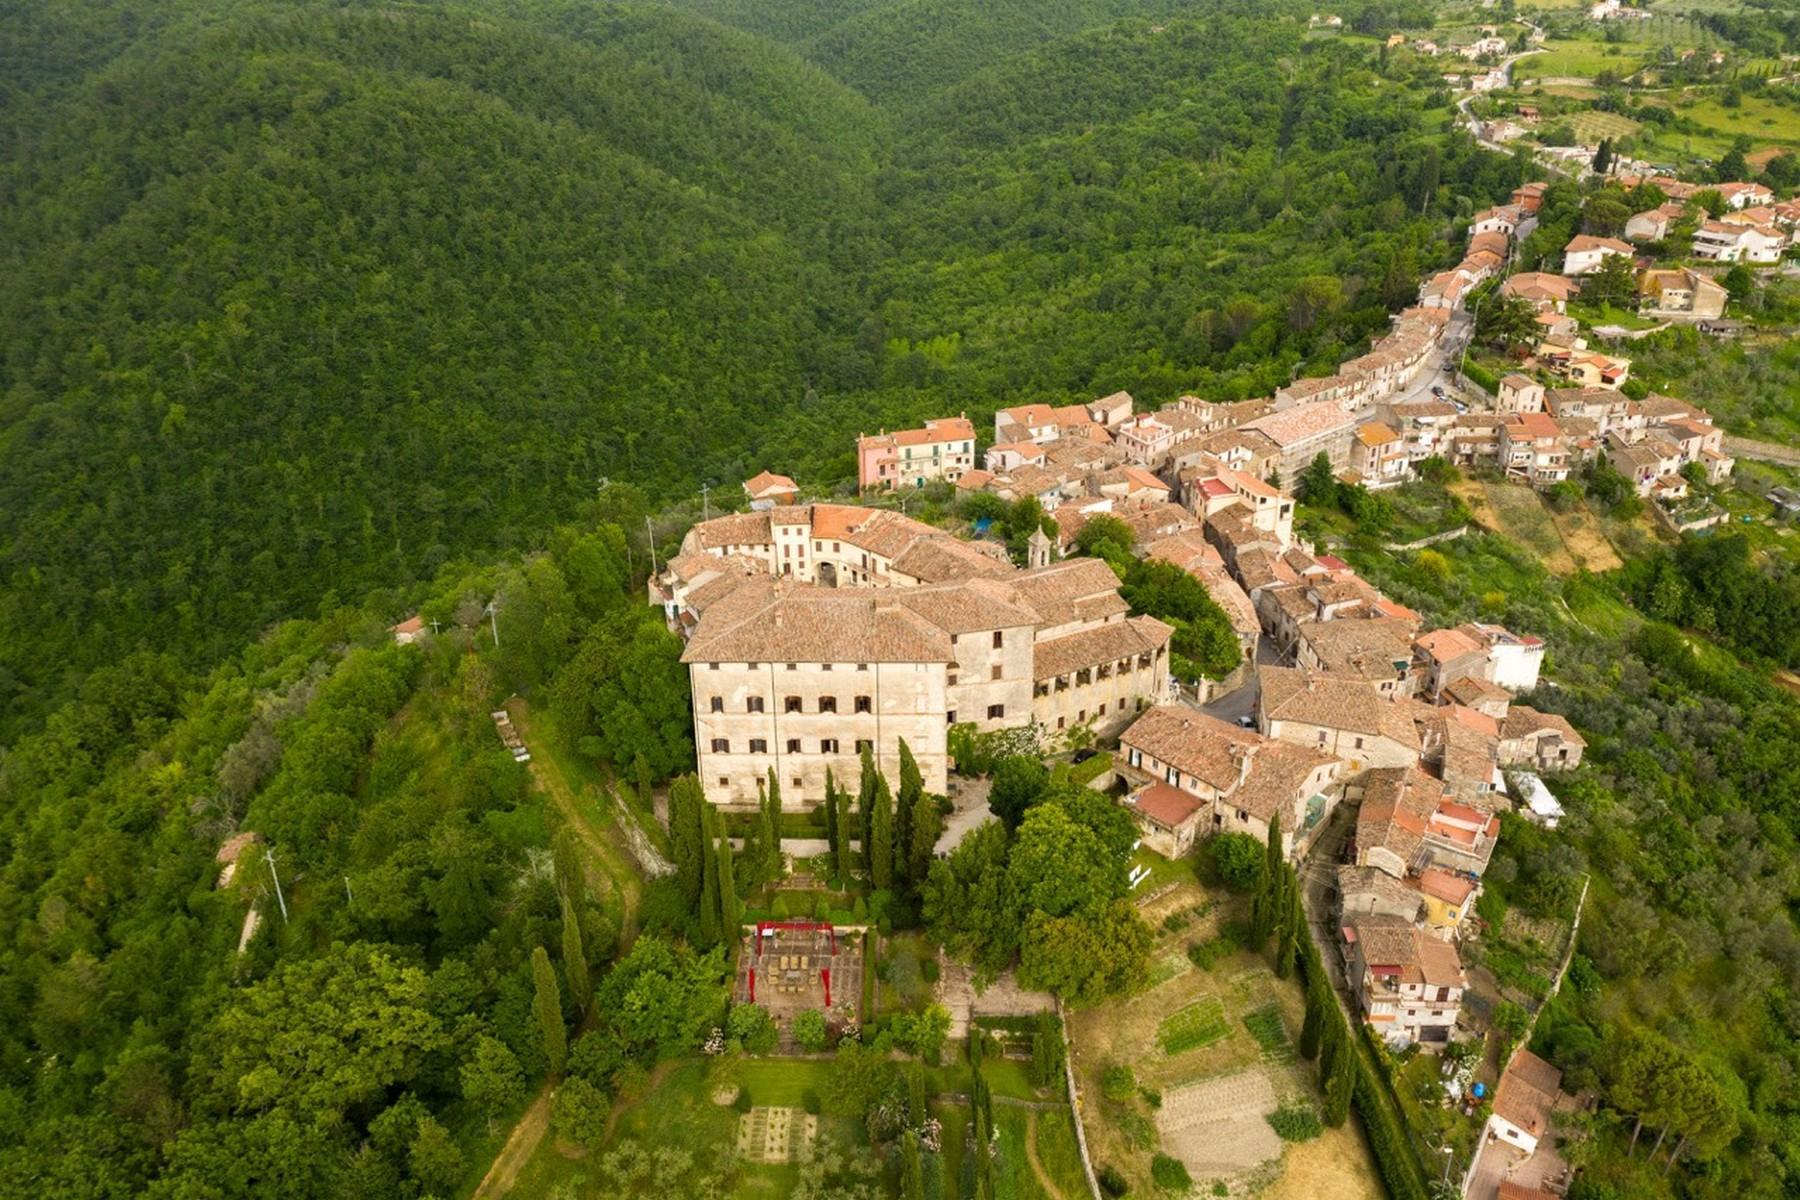 Величественный дворец на вершине средневековой деревни Оливето. - 1